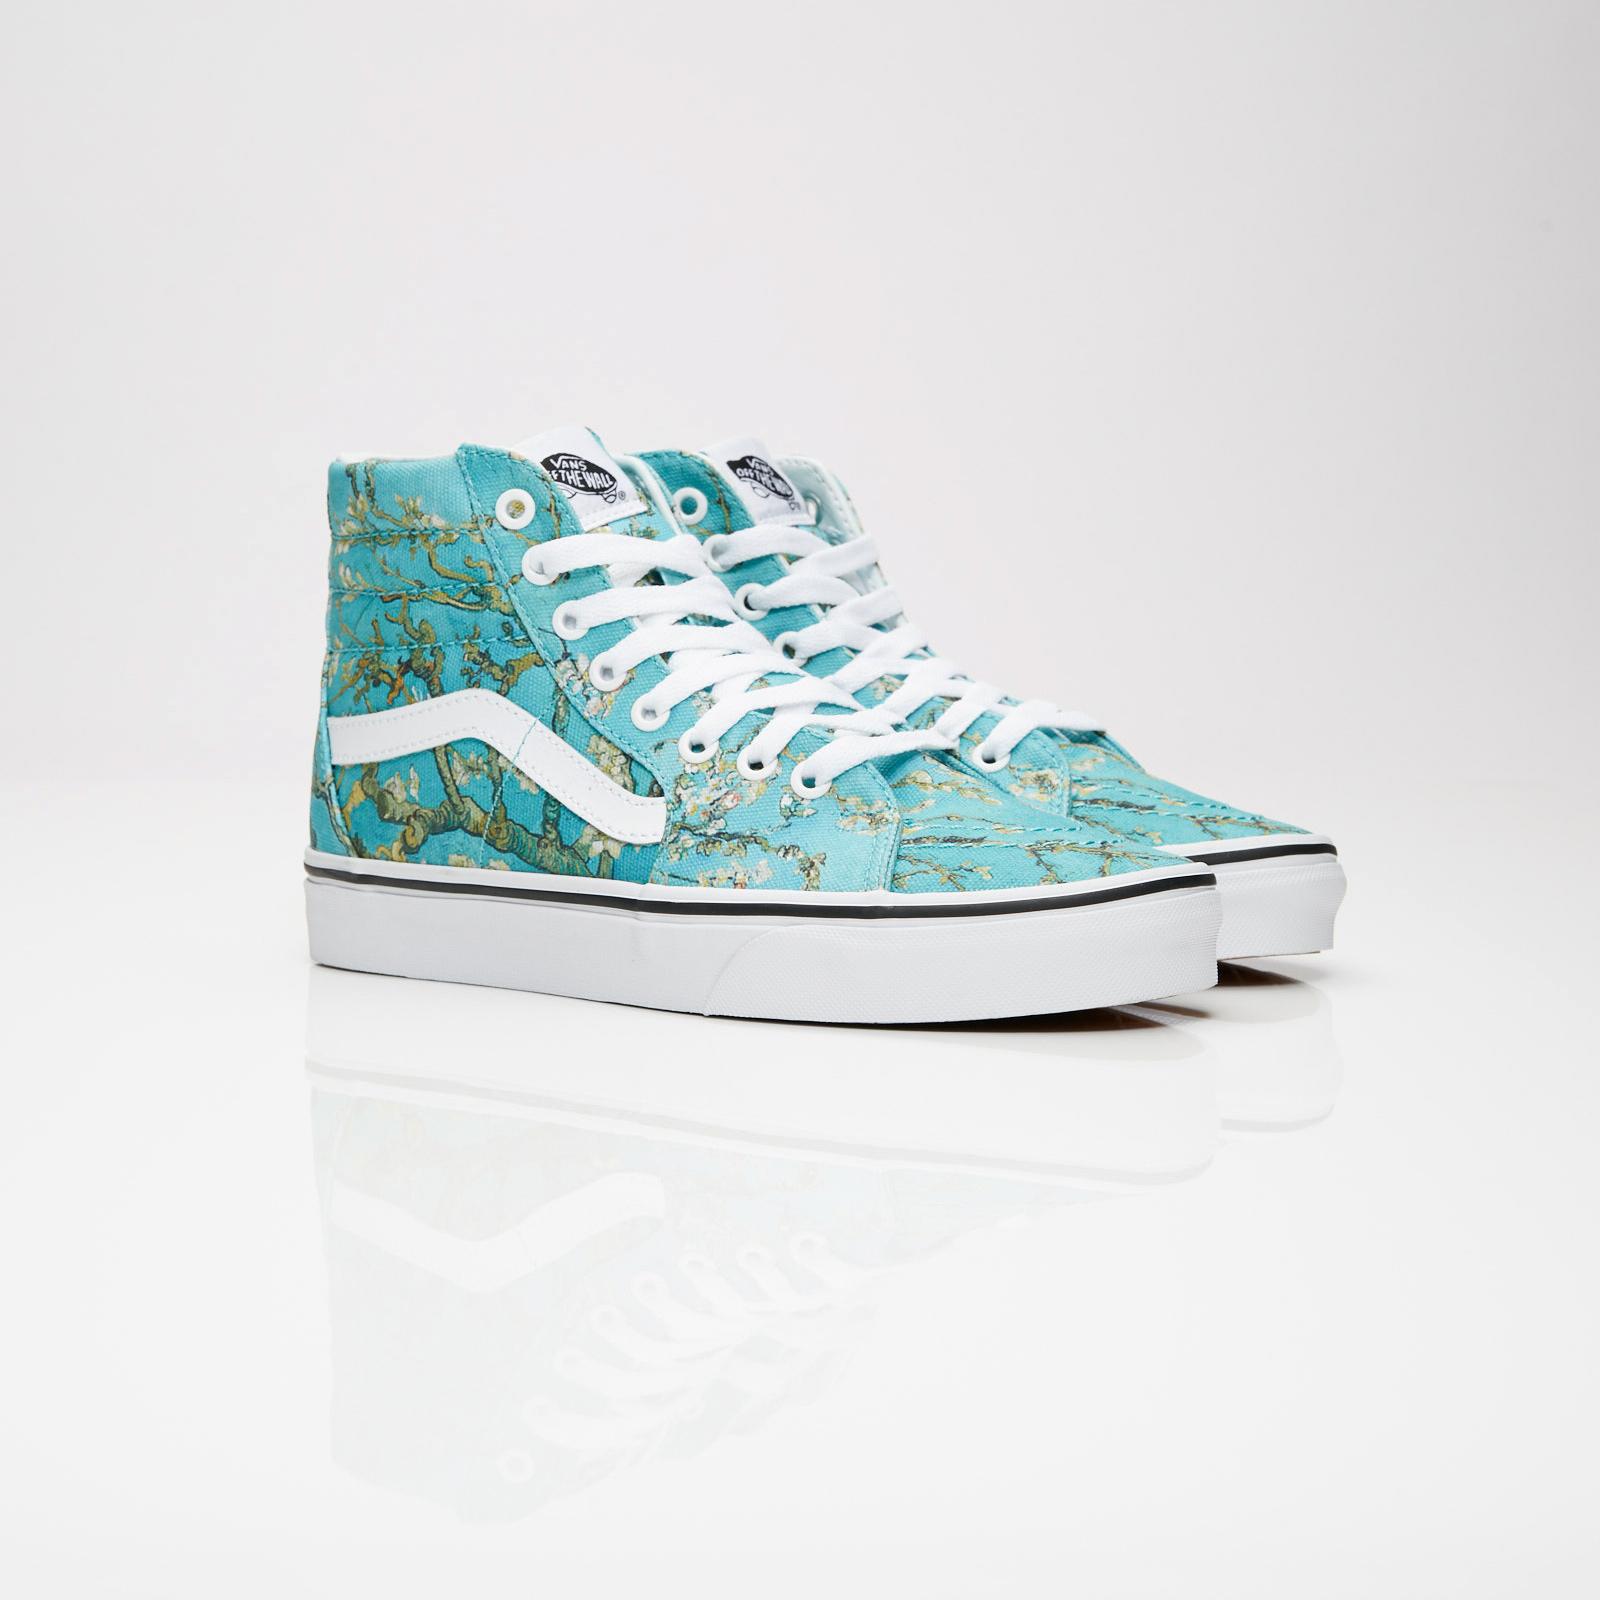 f54e08558fd5 Vans Vincent Van Gogh SK8-Hi - Va38geubl - Sneakersnstuff